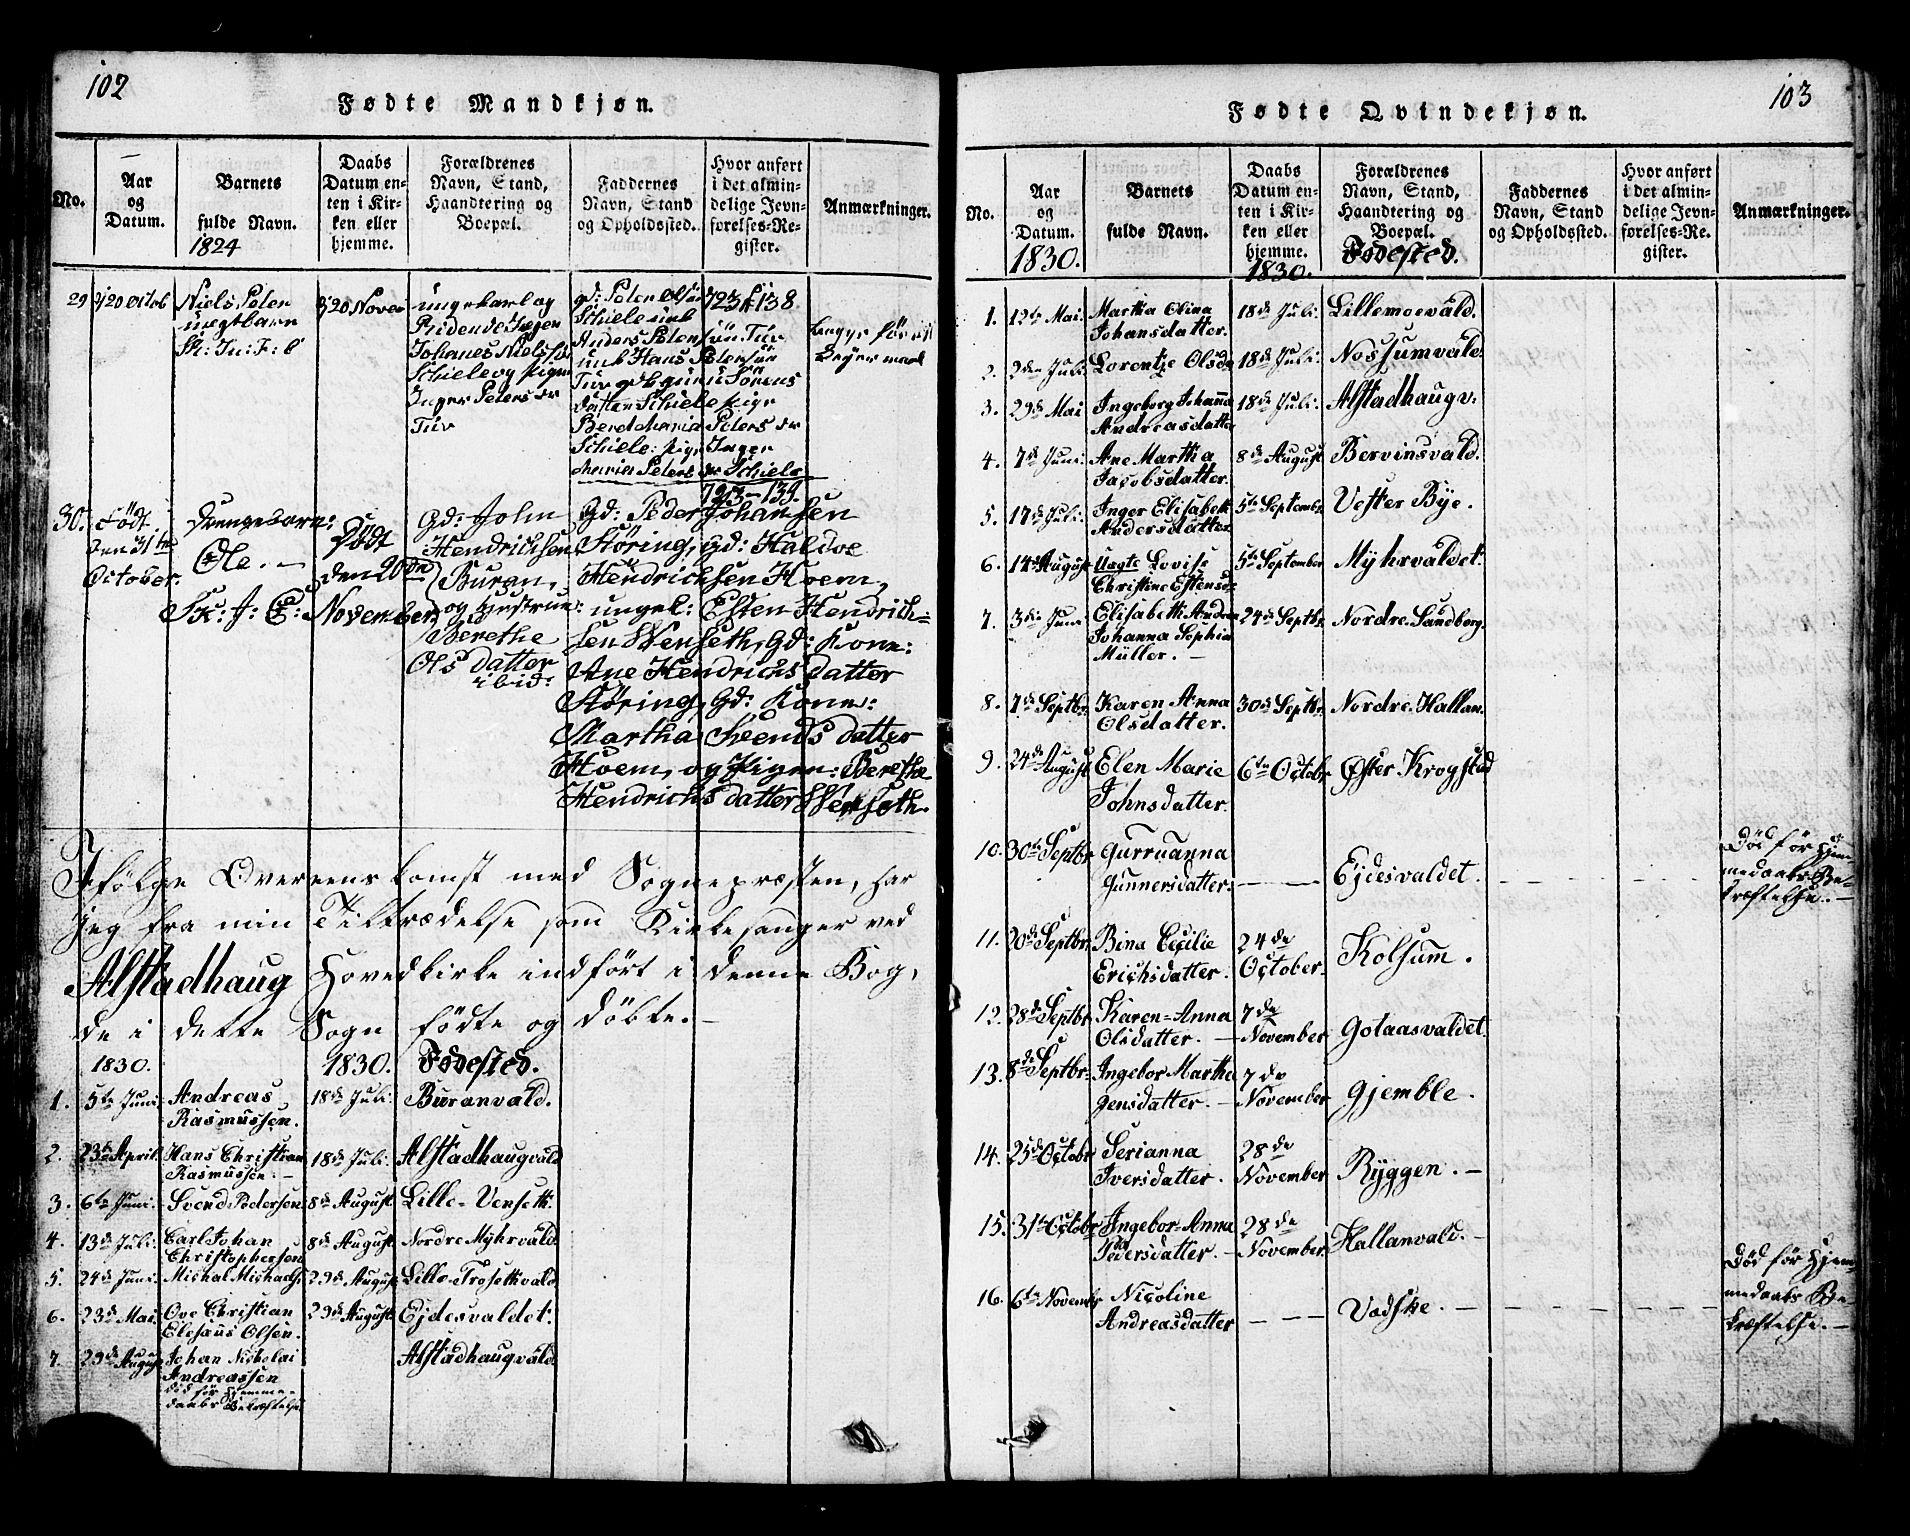 SAT, Ministerialprotokoller, klokkerbøker og fødselsregistre - Nord-Trøndelag, 717/L0169: Klokkerbok nr. 717C01, 1816-1834, s. 102-103